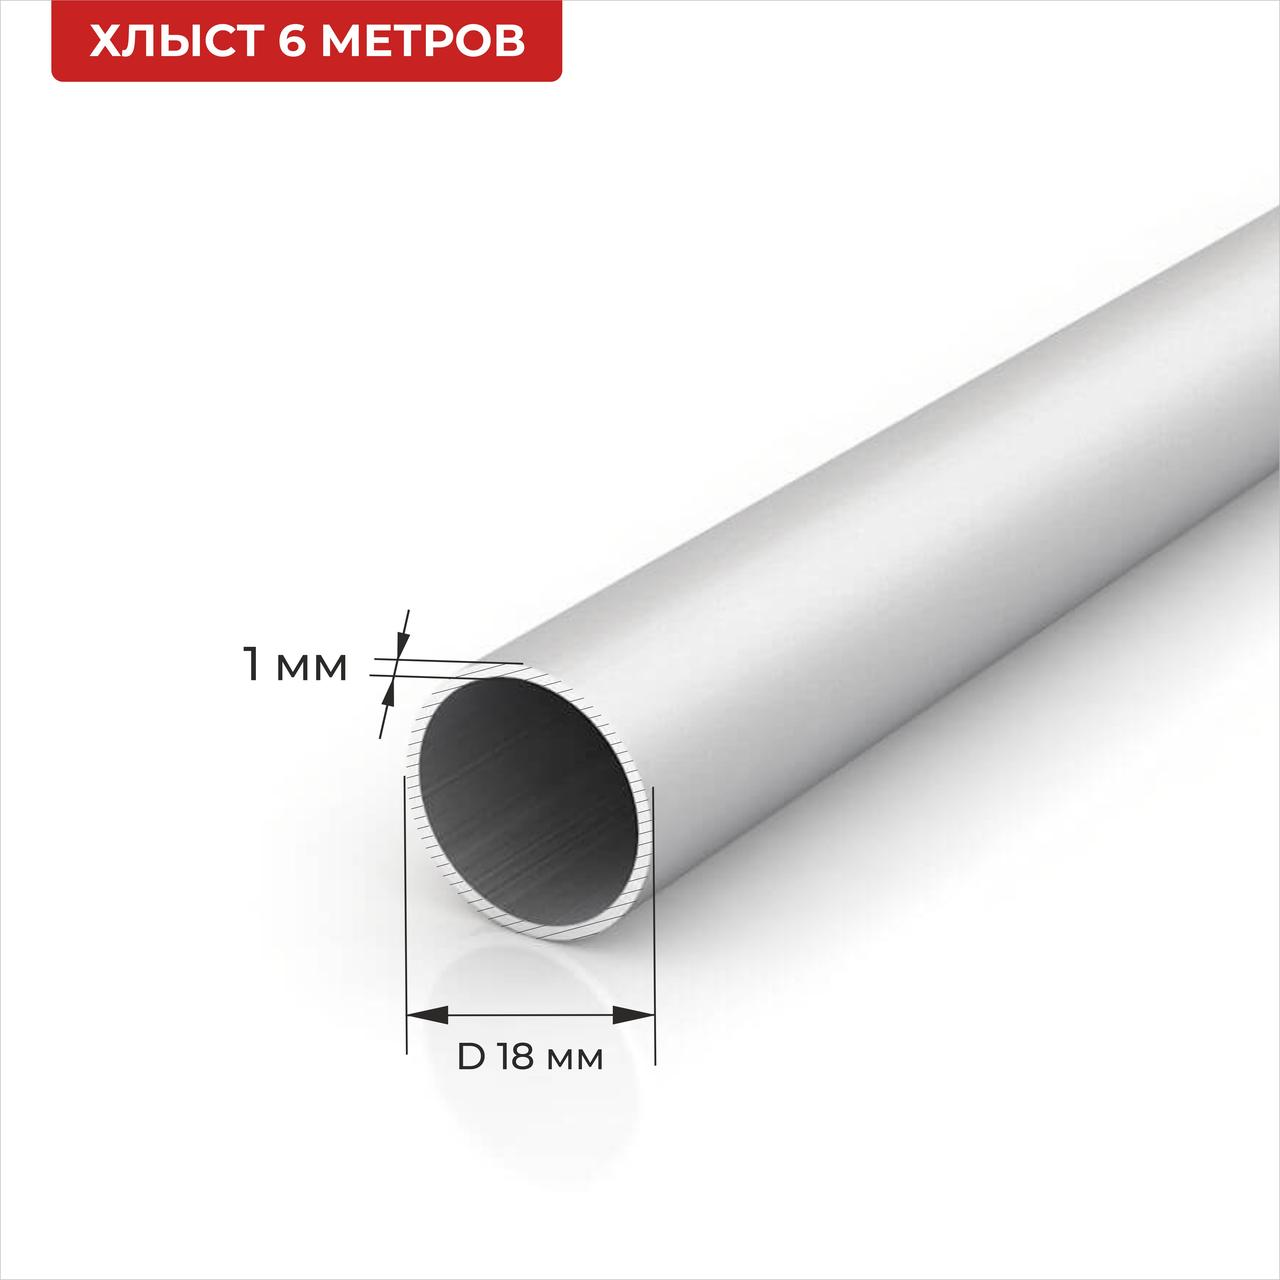 Труба круглая алюминиевая 18*1 6м